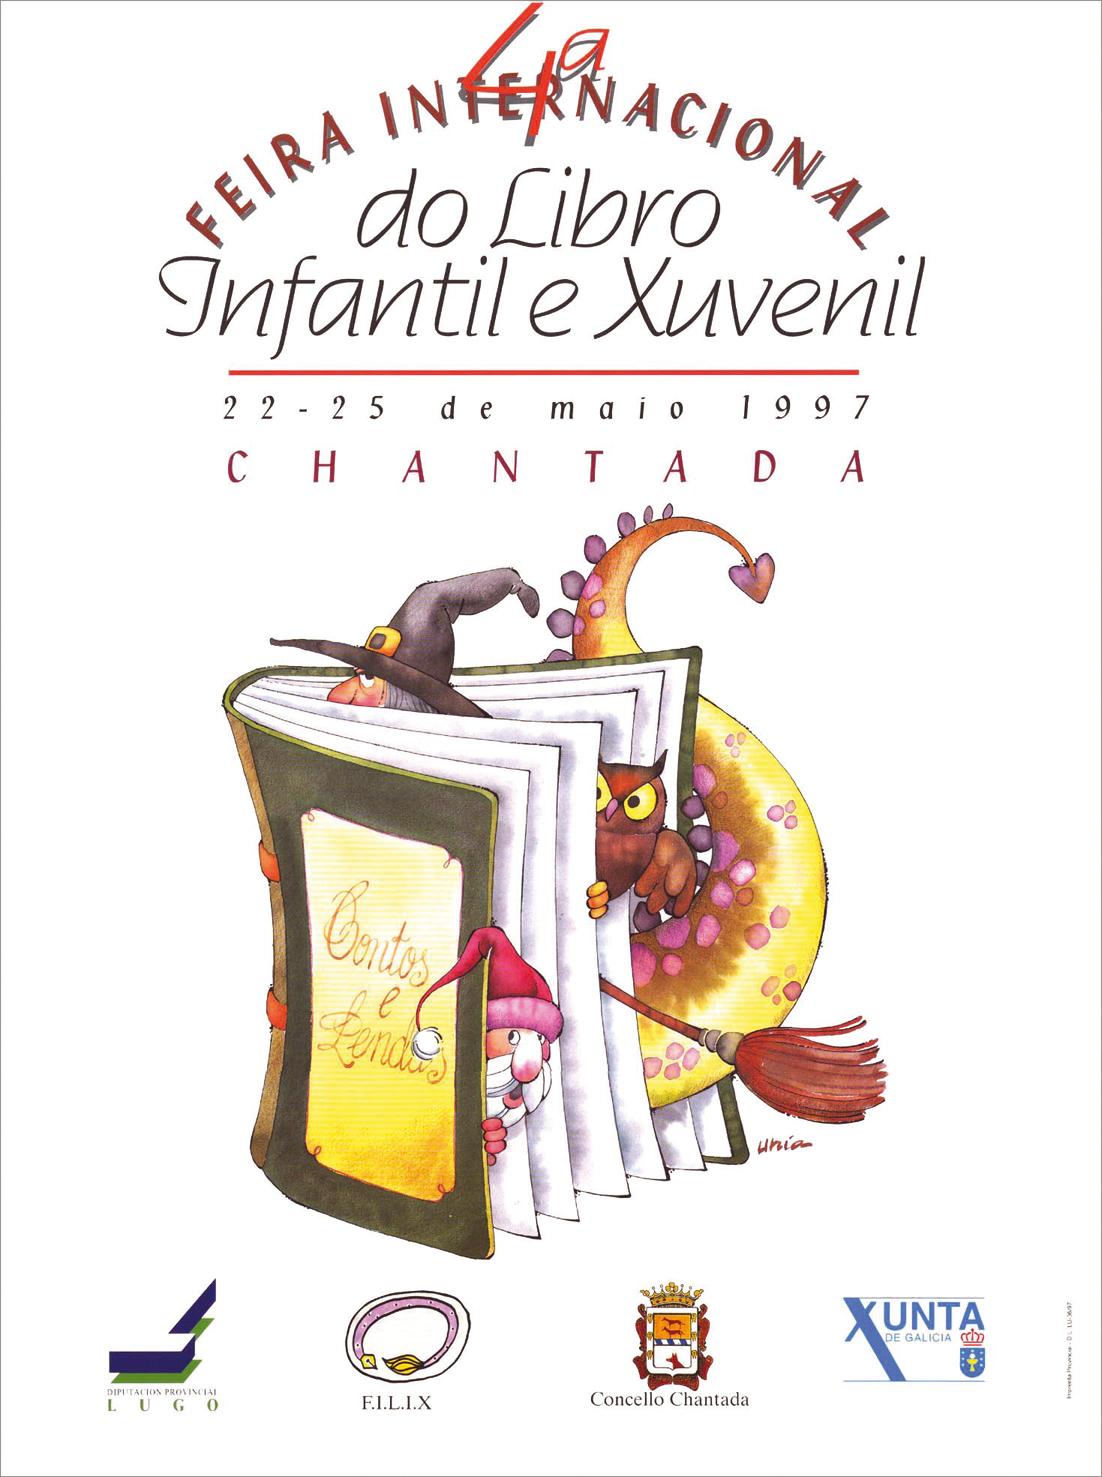 Cartel Feira Internacional do Libro Infantil e Xuvenil